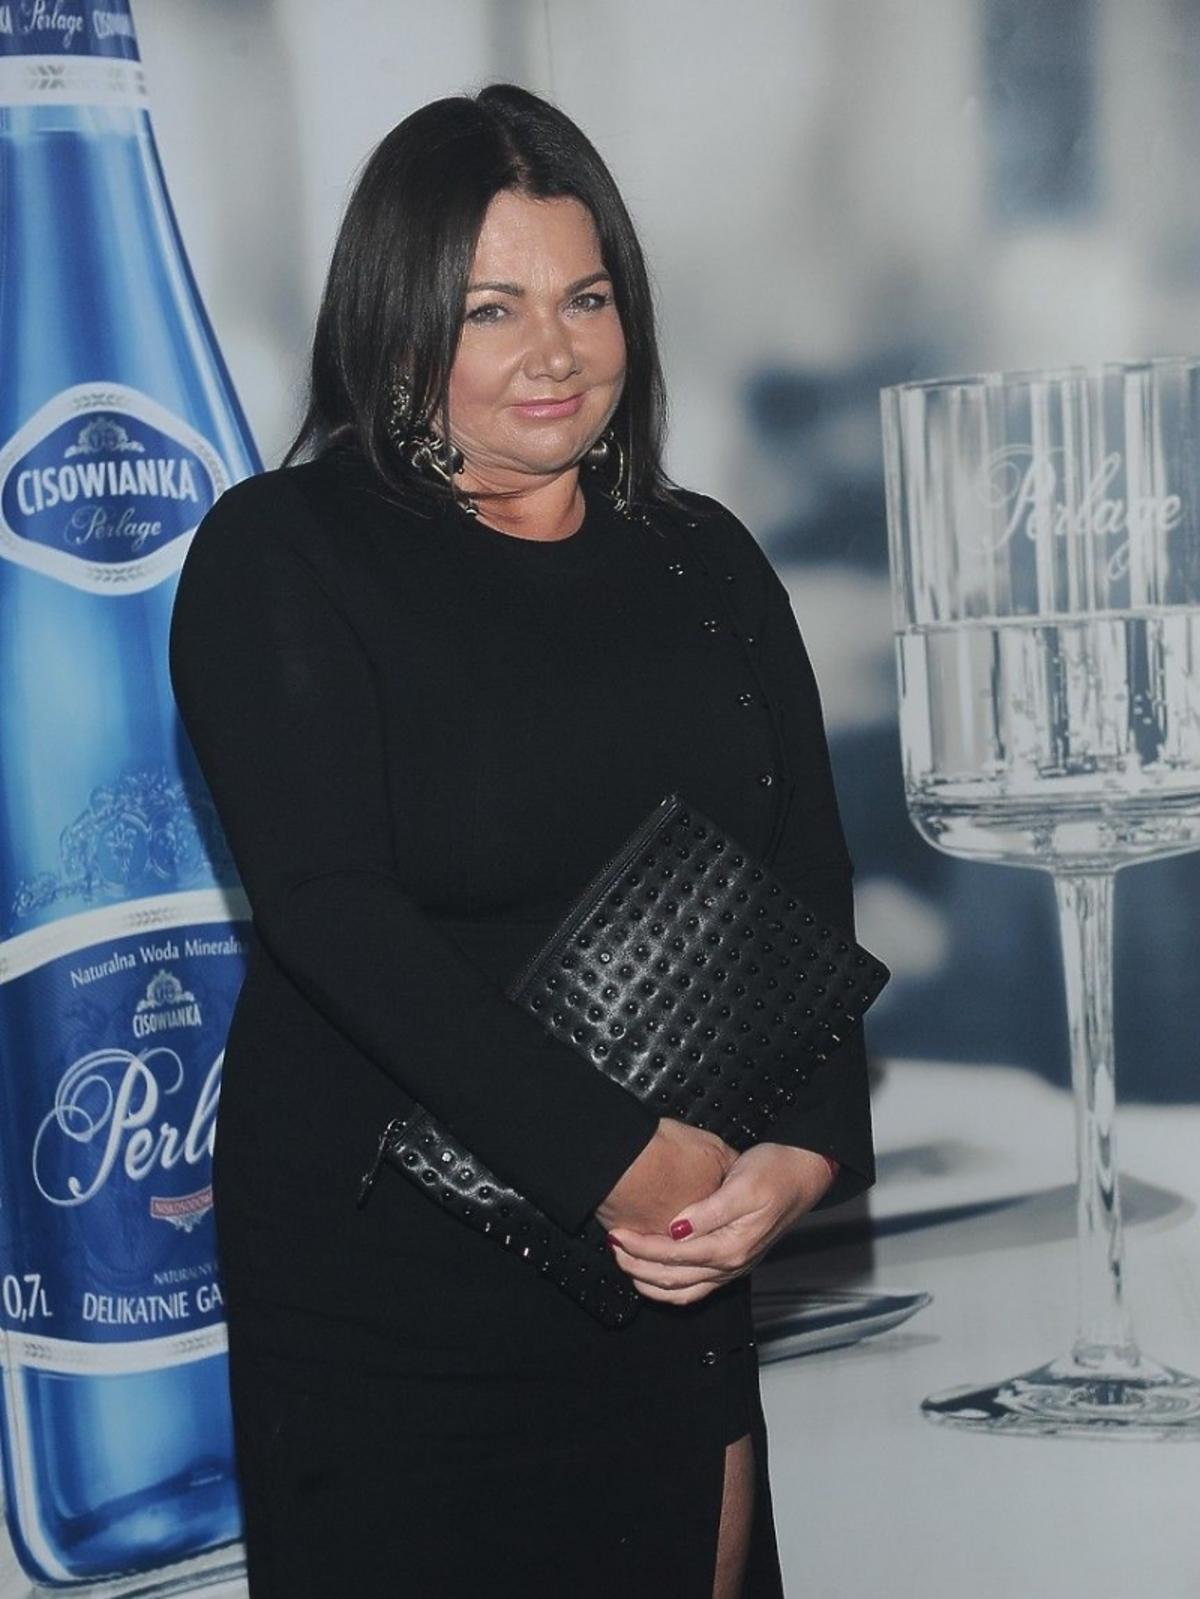 Katarzyna Niezgoda pozuje do zdjęć na pokazie